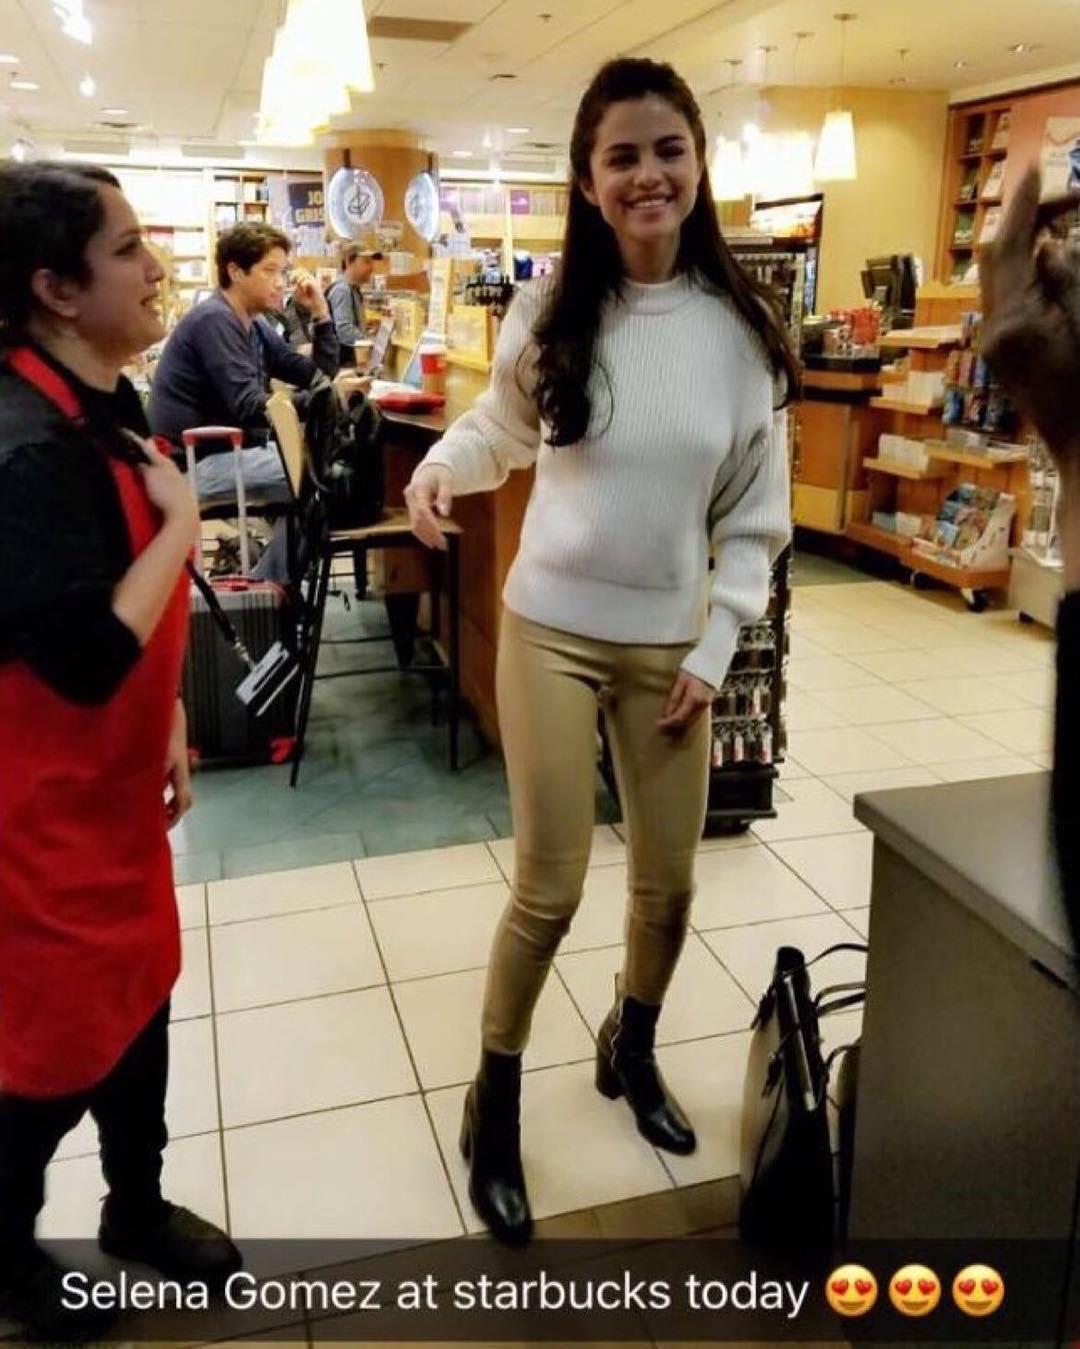 28 نوامبر : عکس های جدید سلنا در استارباکسی در دالاس، تگزاس